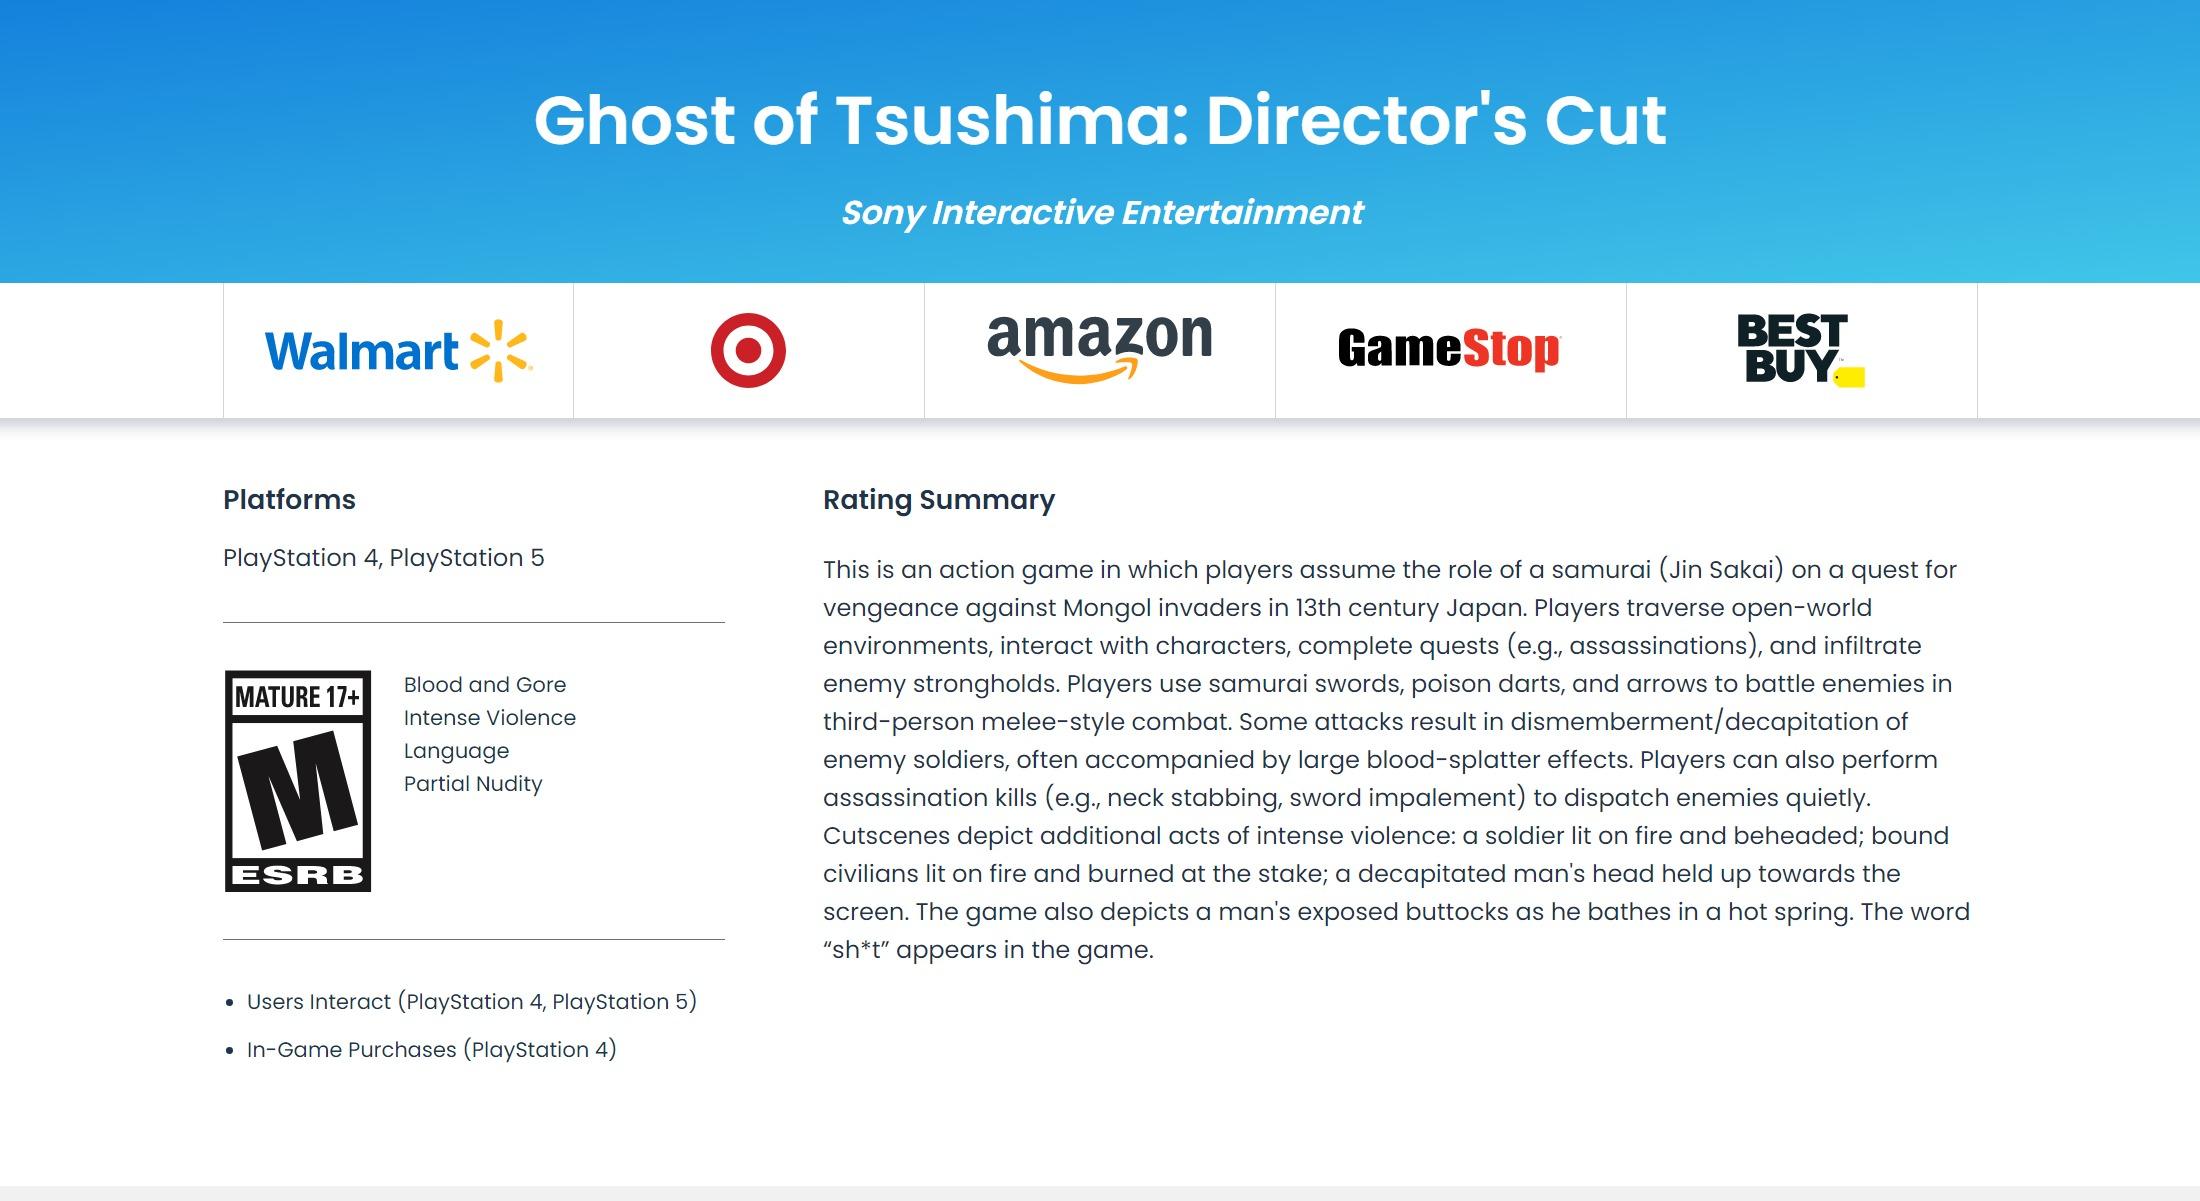 《对马岛之鬼:导演剪辑版》曝光 登陆PS4和PS5